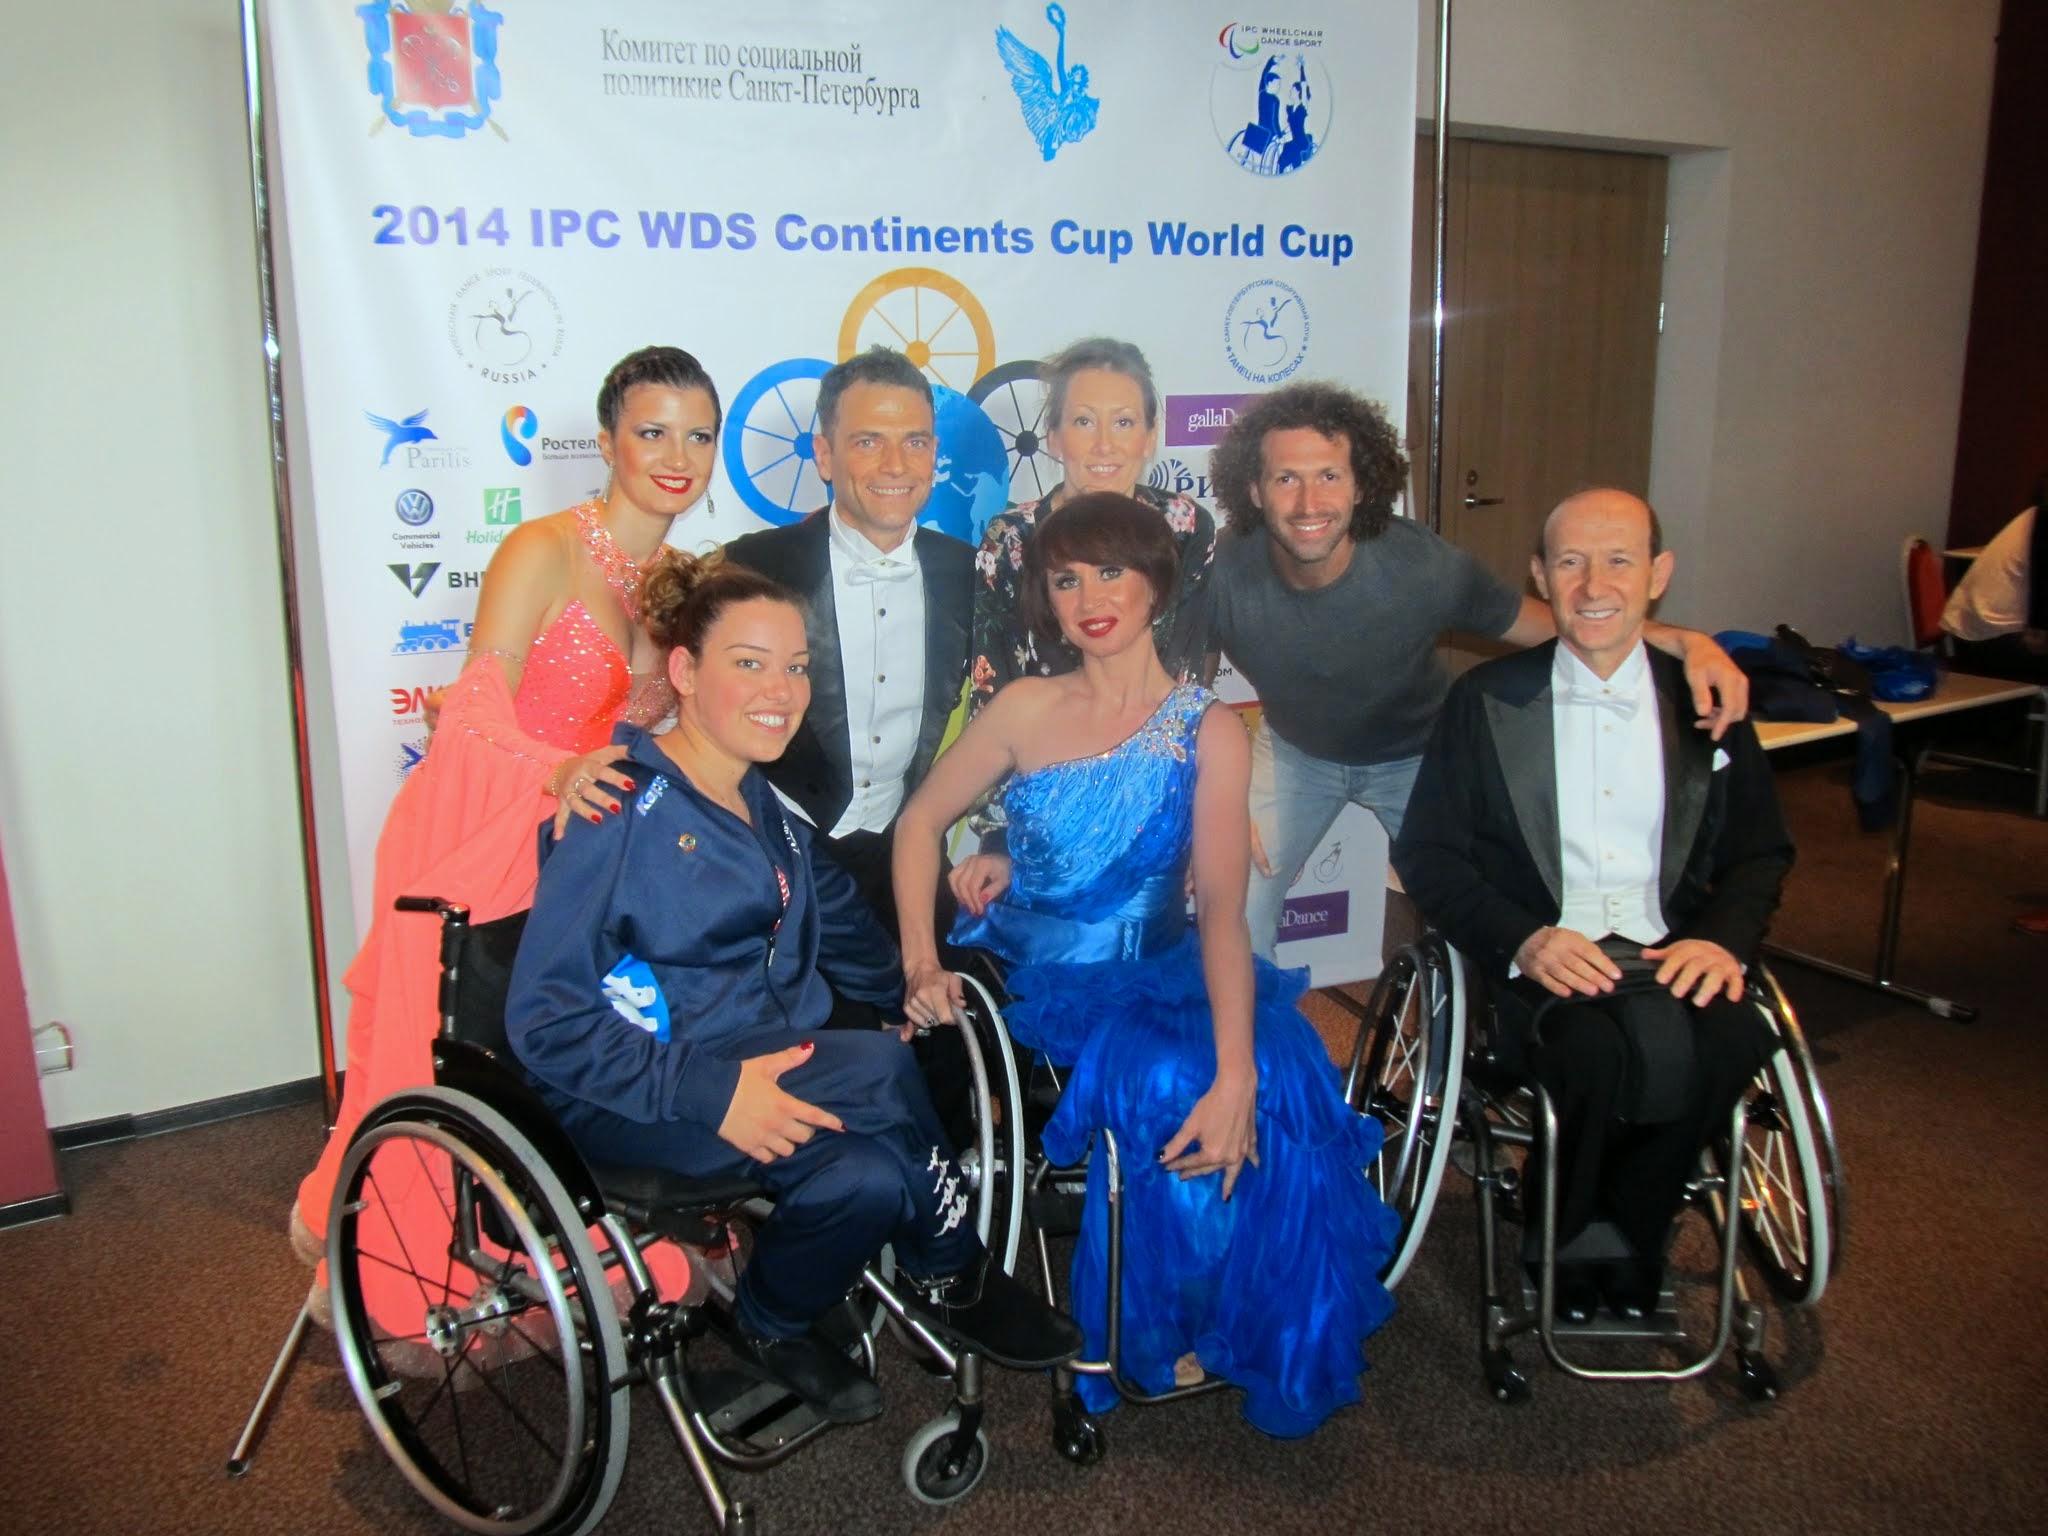 תחרות גביע העולם בריקודים סלוניים ולטיניים בכיסאות גלגלים